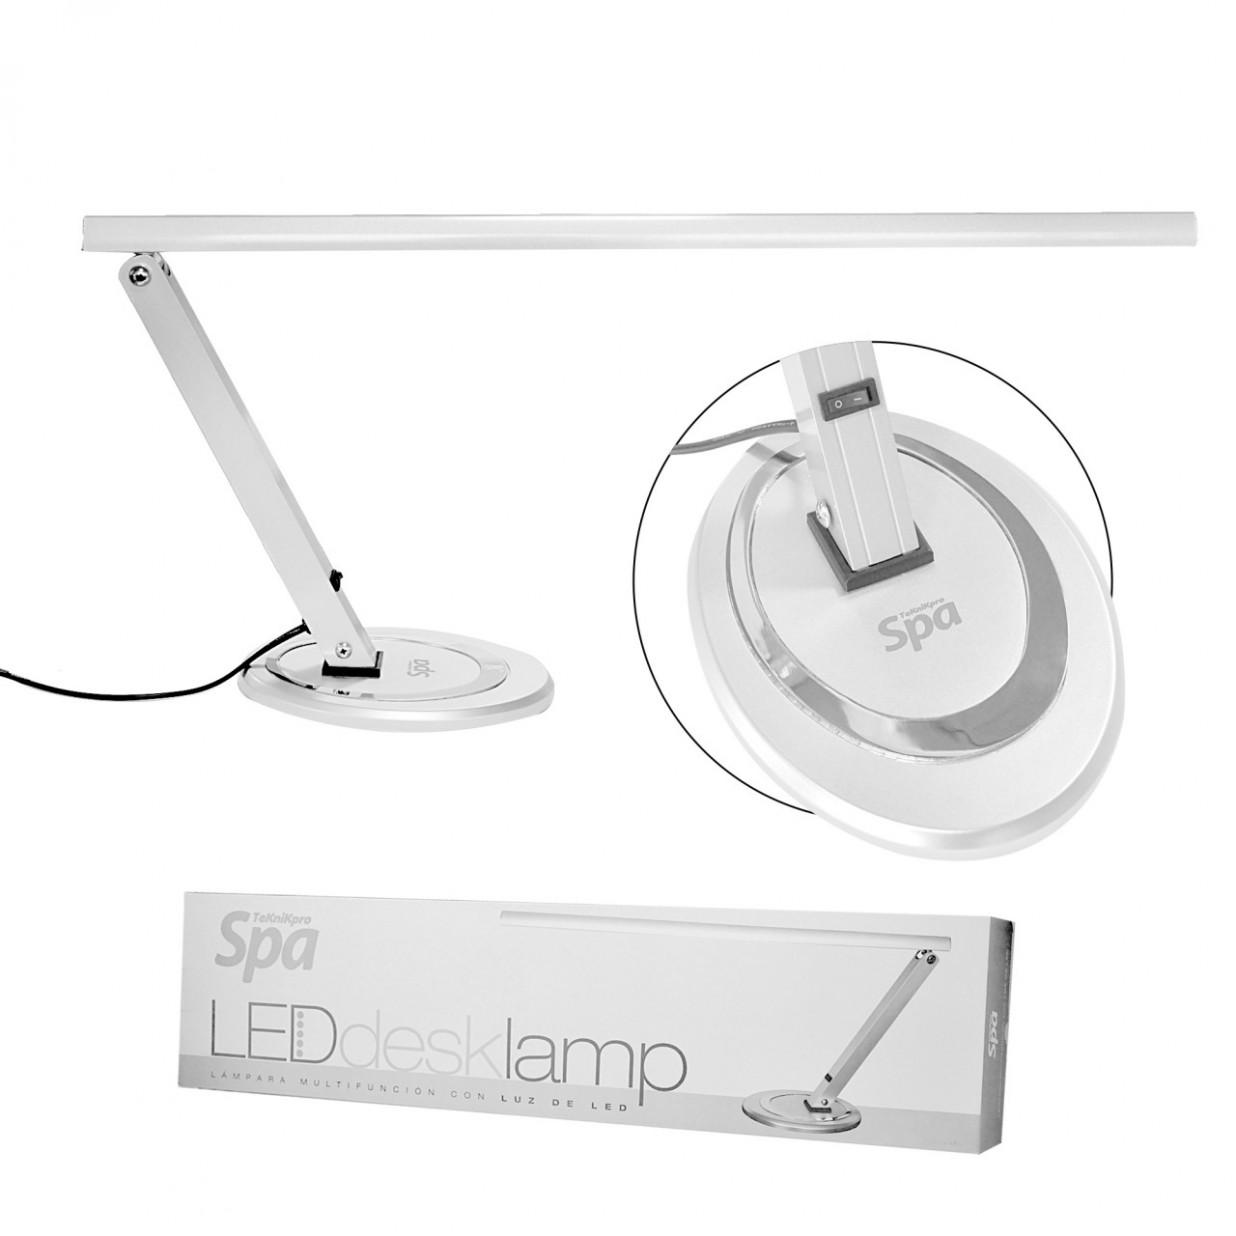 De Mesa TeknikPro Multifunción LED Lámpara de Uñas 6gYf7by